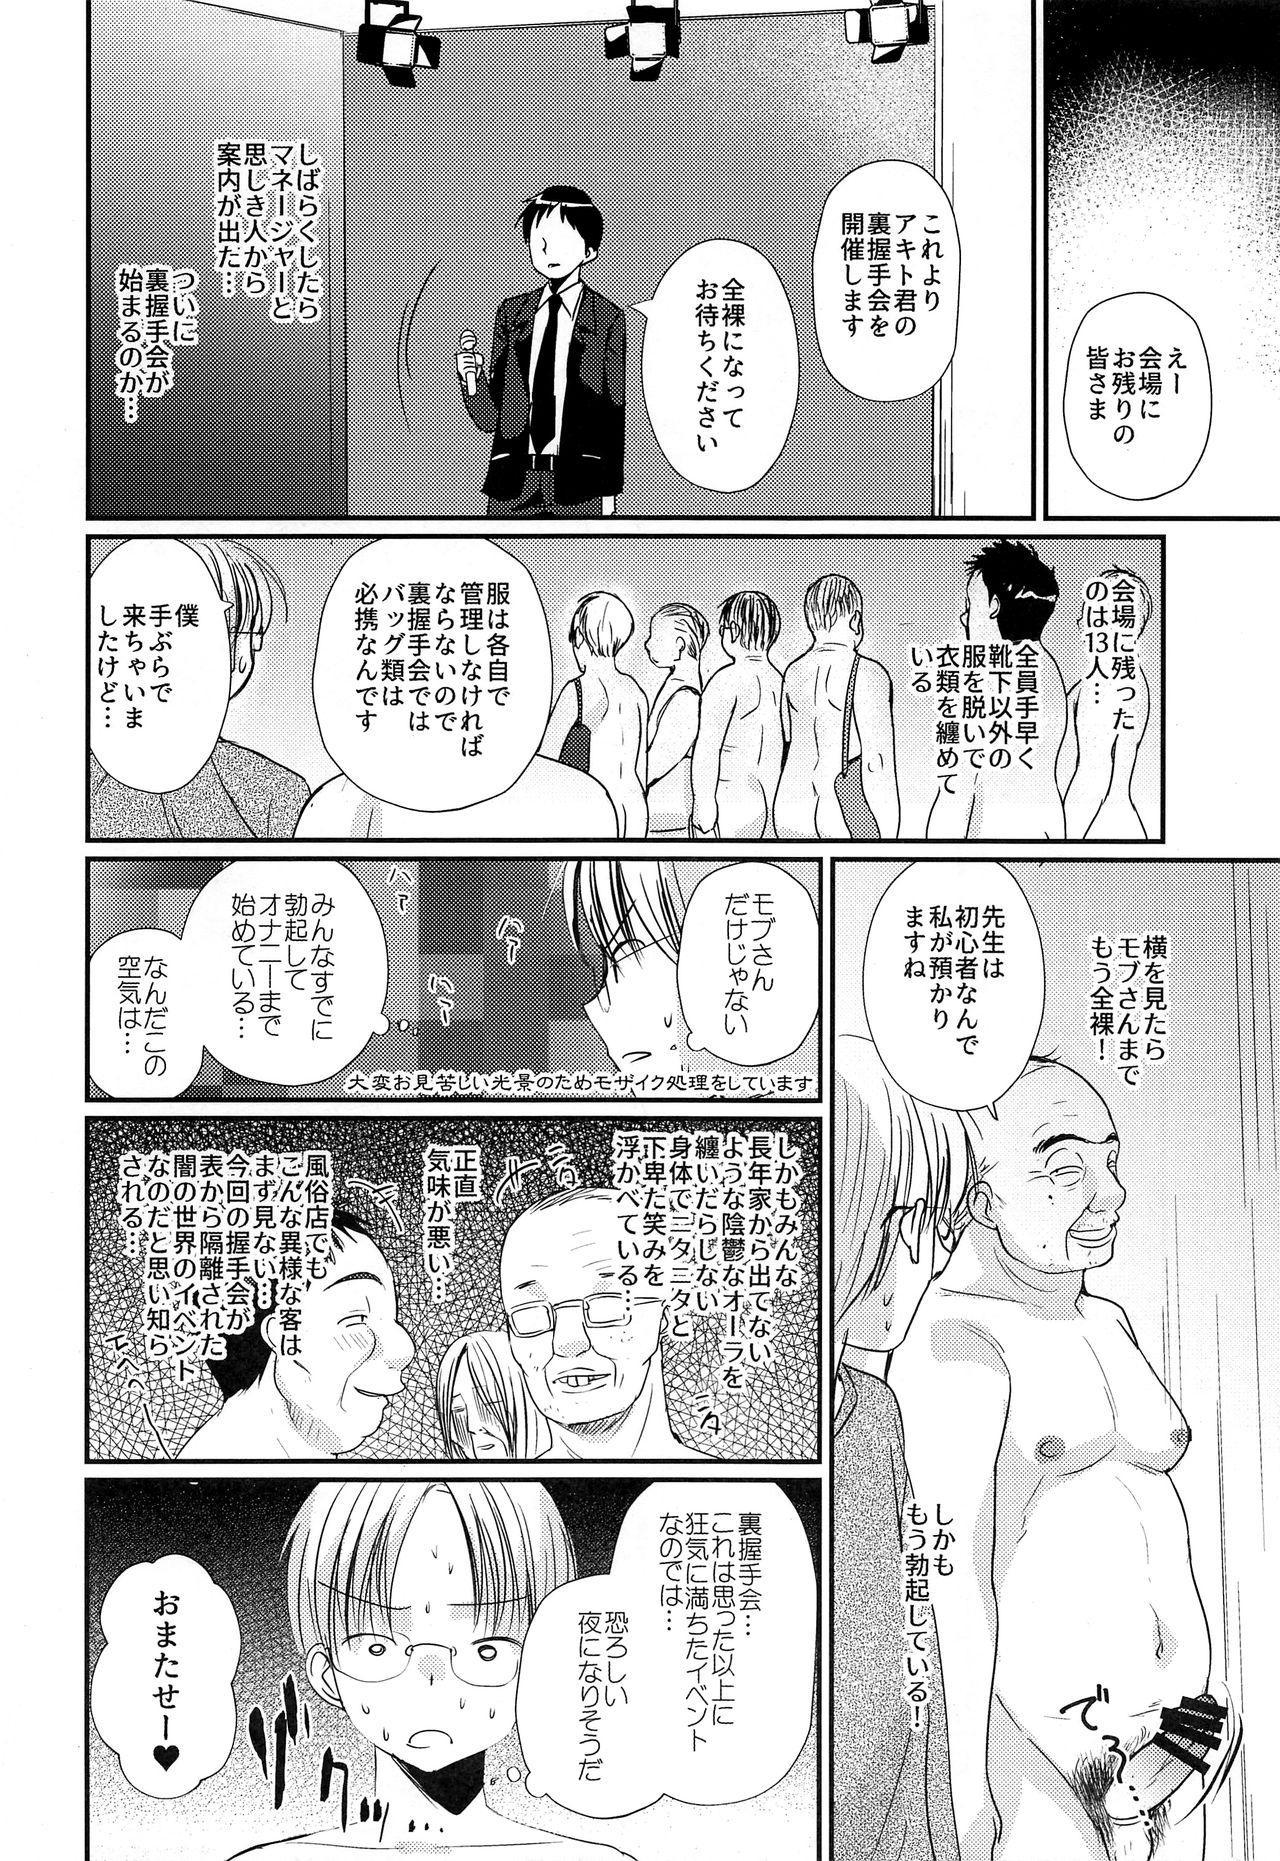 Tokumori! Shota Fuuzoku Saizensen 41